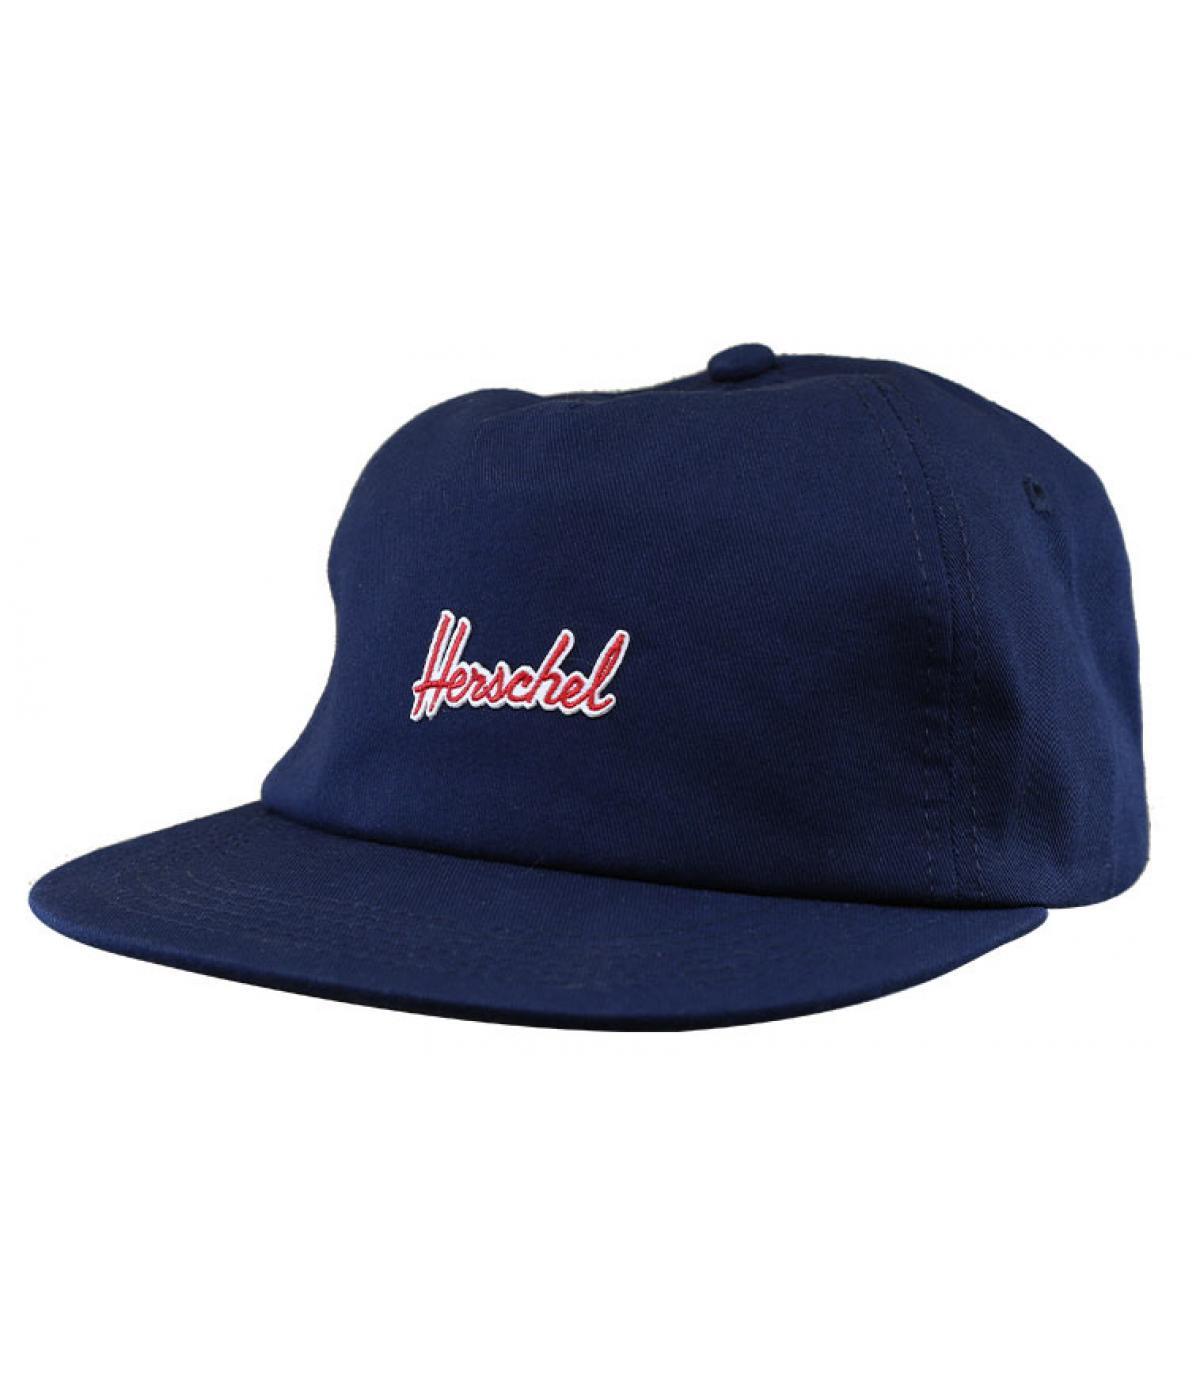 casquette Herschel bleu marine